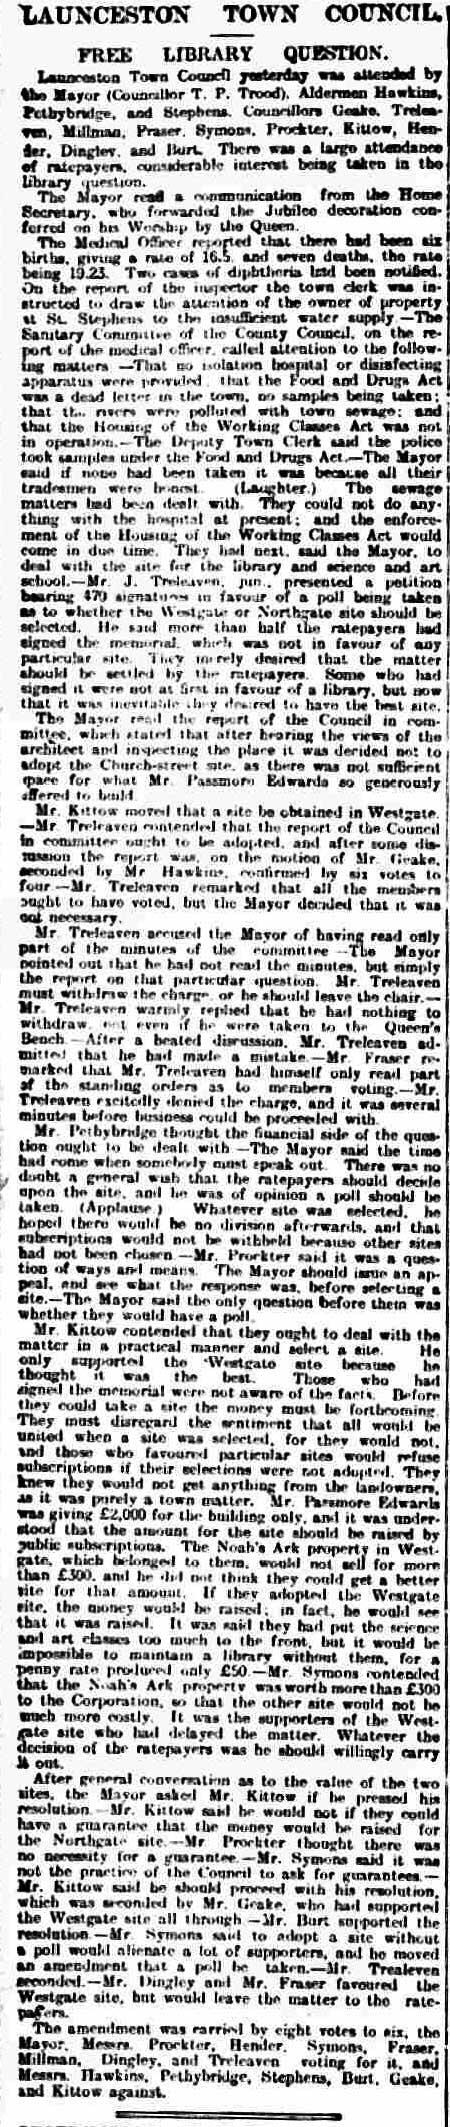 14 September 1897